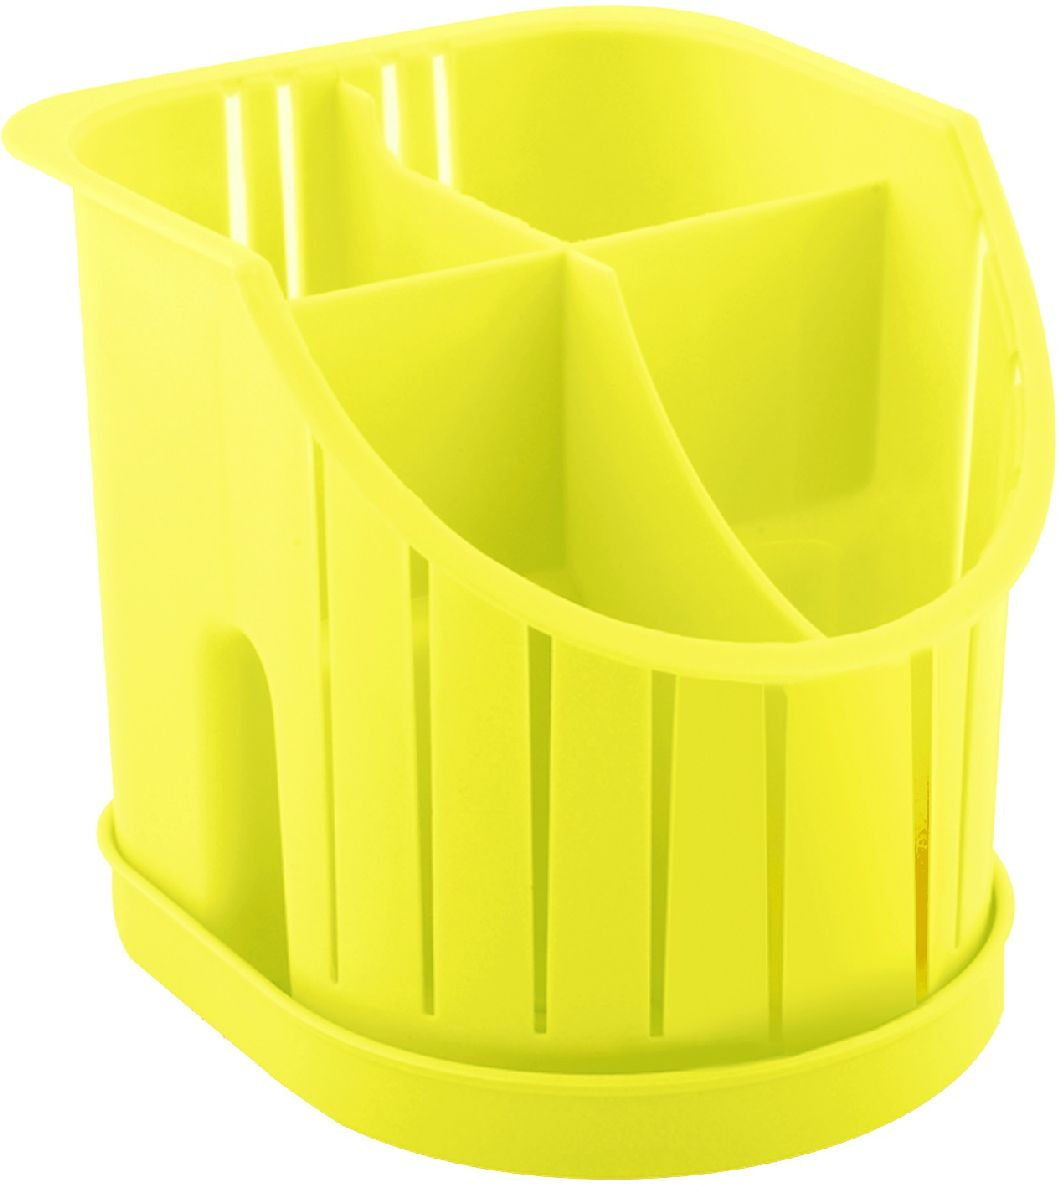 Сушилка для столовых приборов Plastic Centre, 4-секционная, цвет: желтый, 16 х 14,2 х 12,8 смПЦ1550ЛМНСушилка для столовых приборов пригодится на любой кухне. Четыре секции позволят сушить или хранить столовые приборы по отдельности (ножи, вилки, ложки и т.п.).Сушилка снабжена поддоном.Размер сушилки: 16 х 14,2 х 12,8 см.